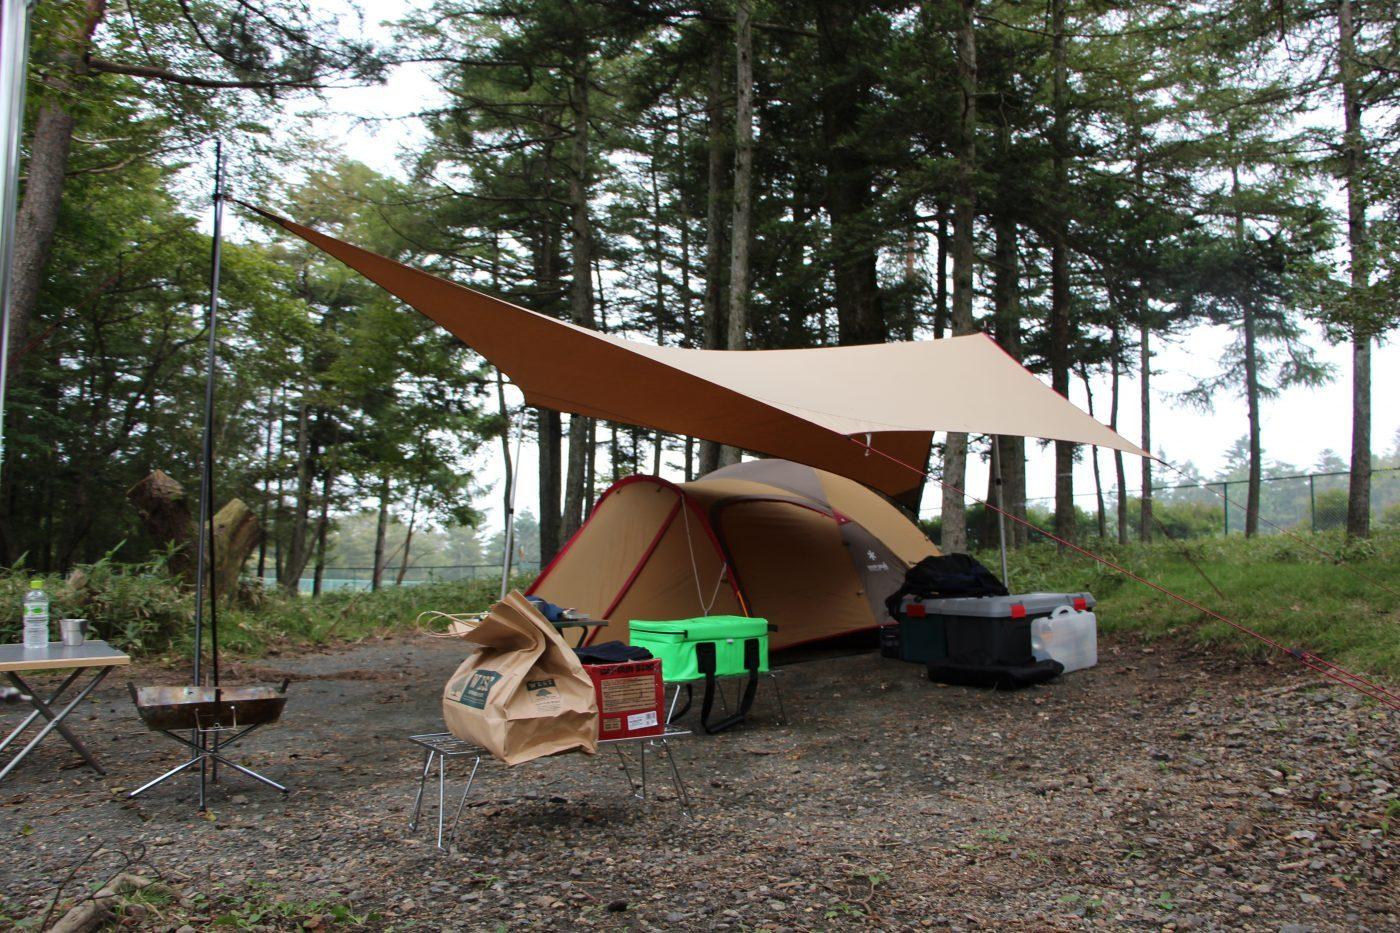 オートキャンプ以外のキャンプもある。